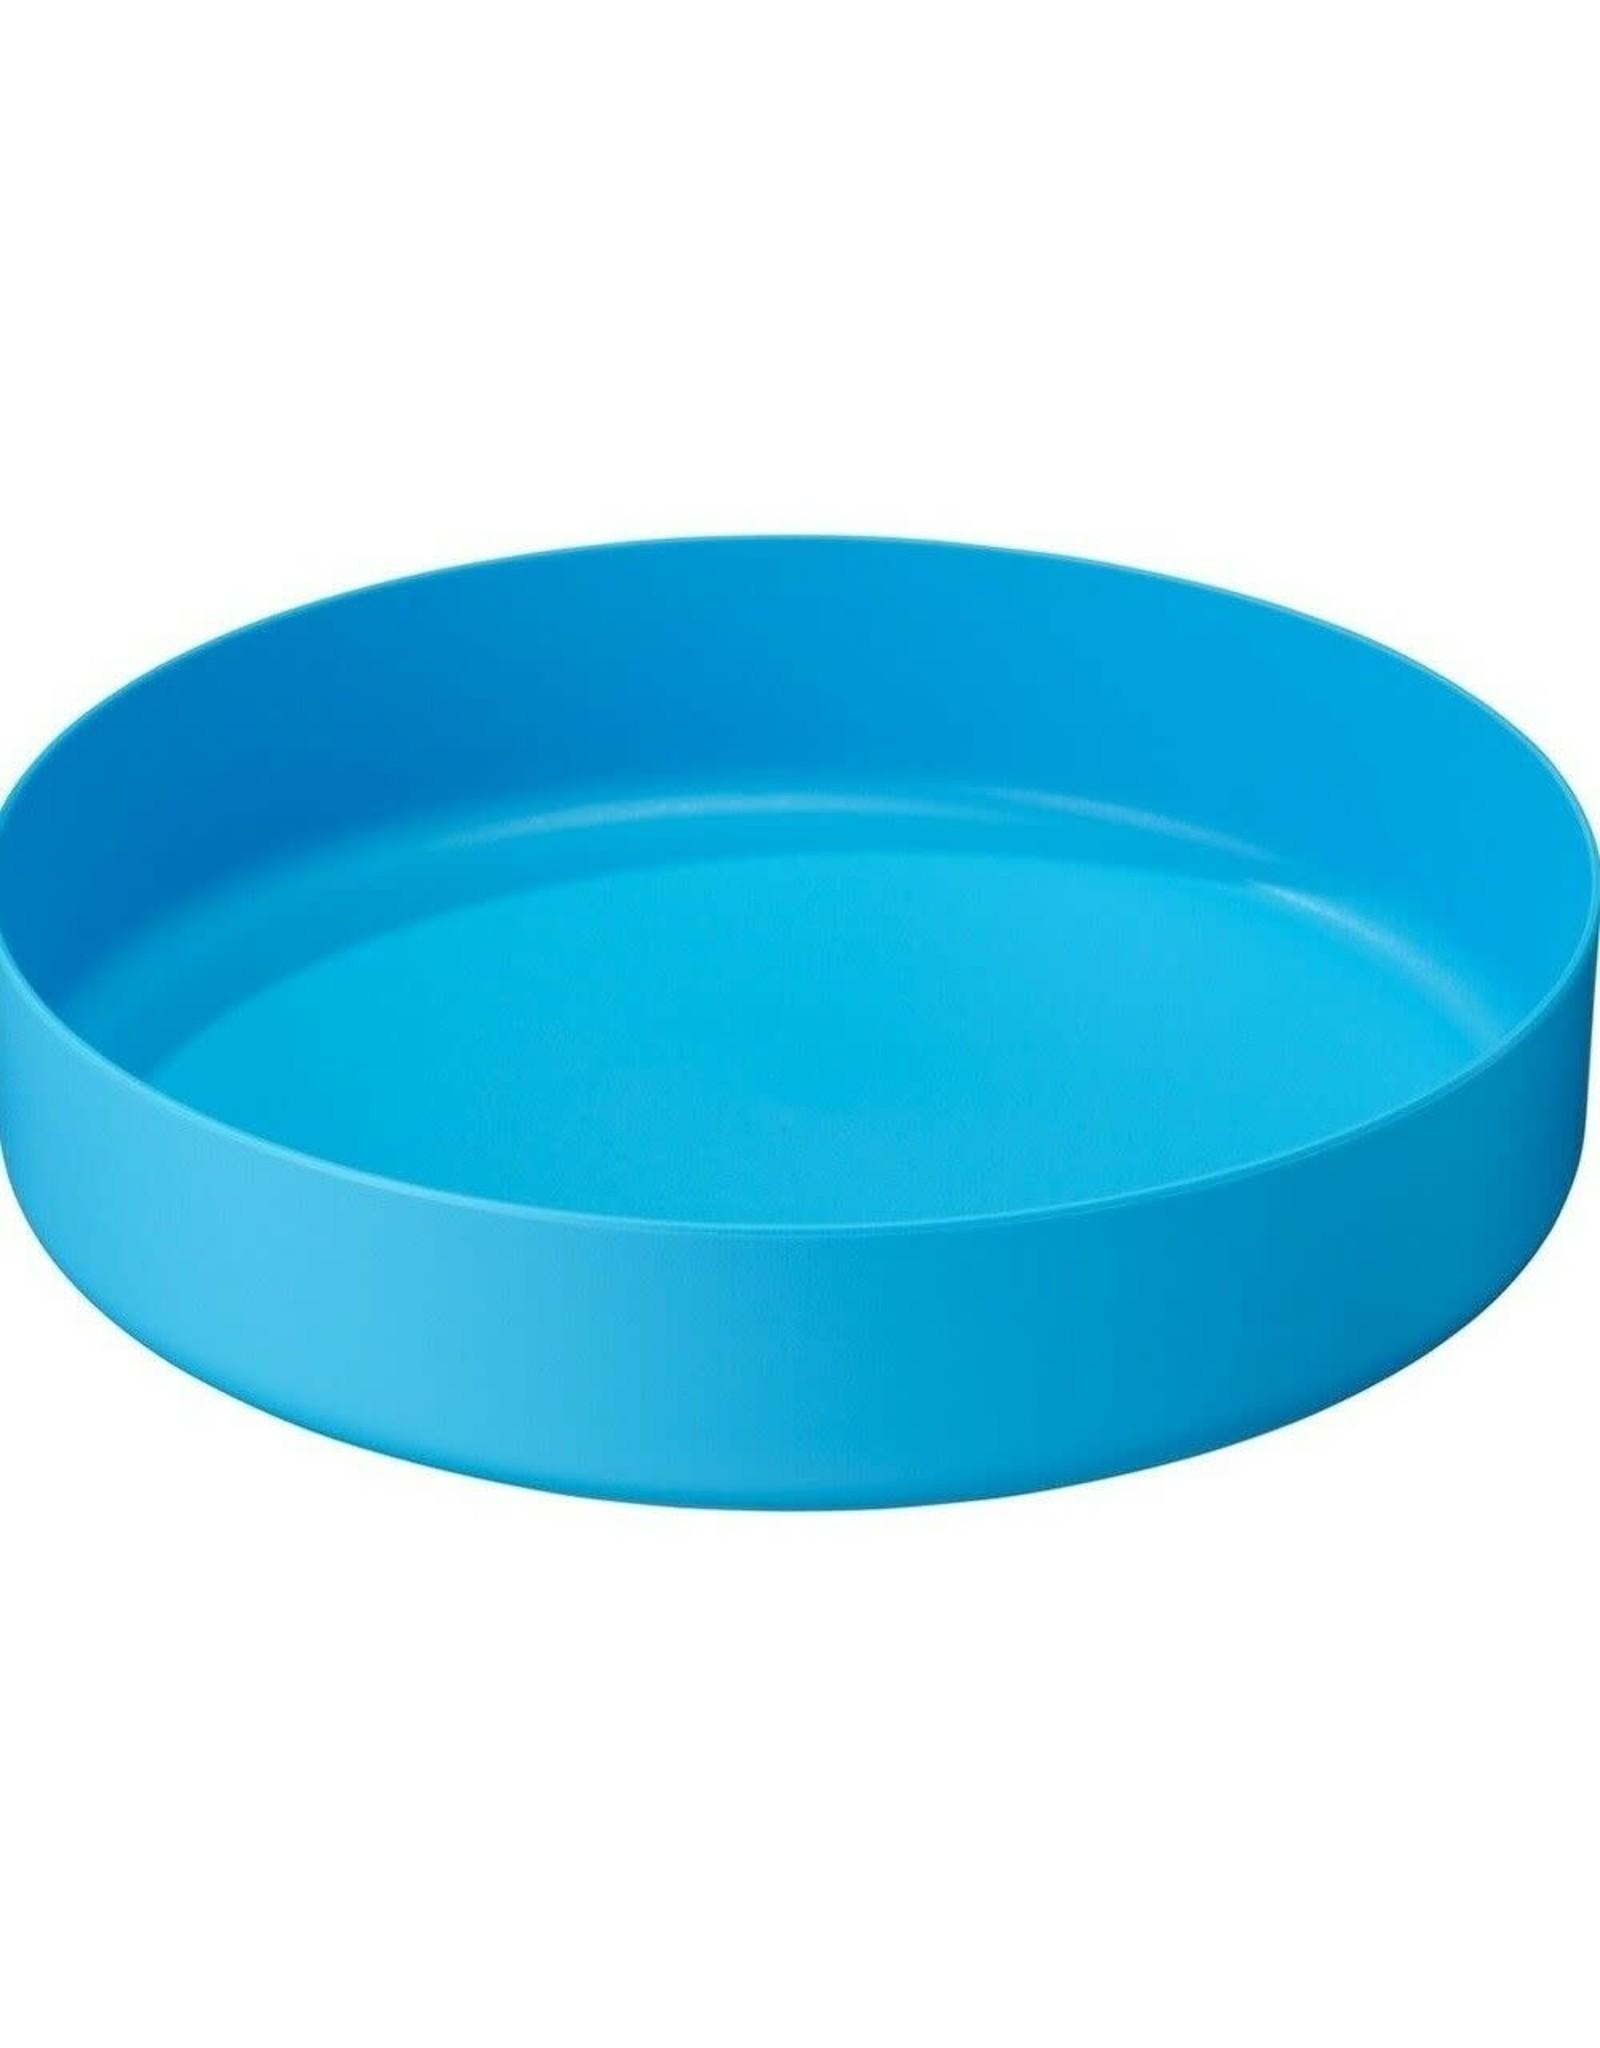 MSR DEEP DISH PLATE MD BLUE